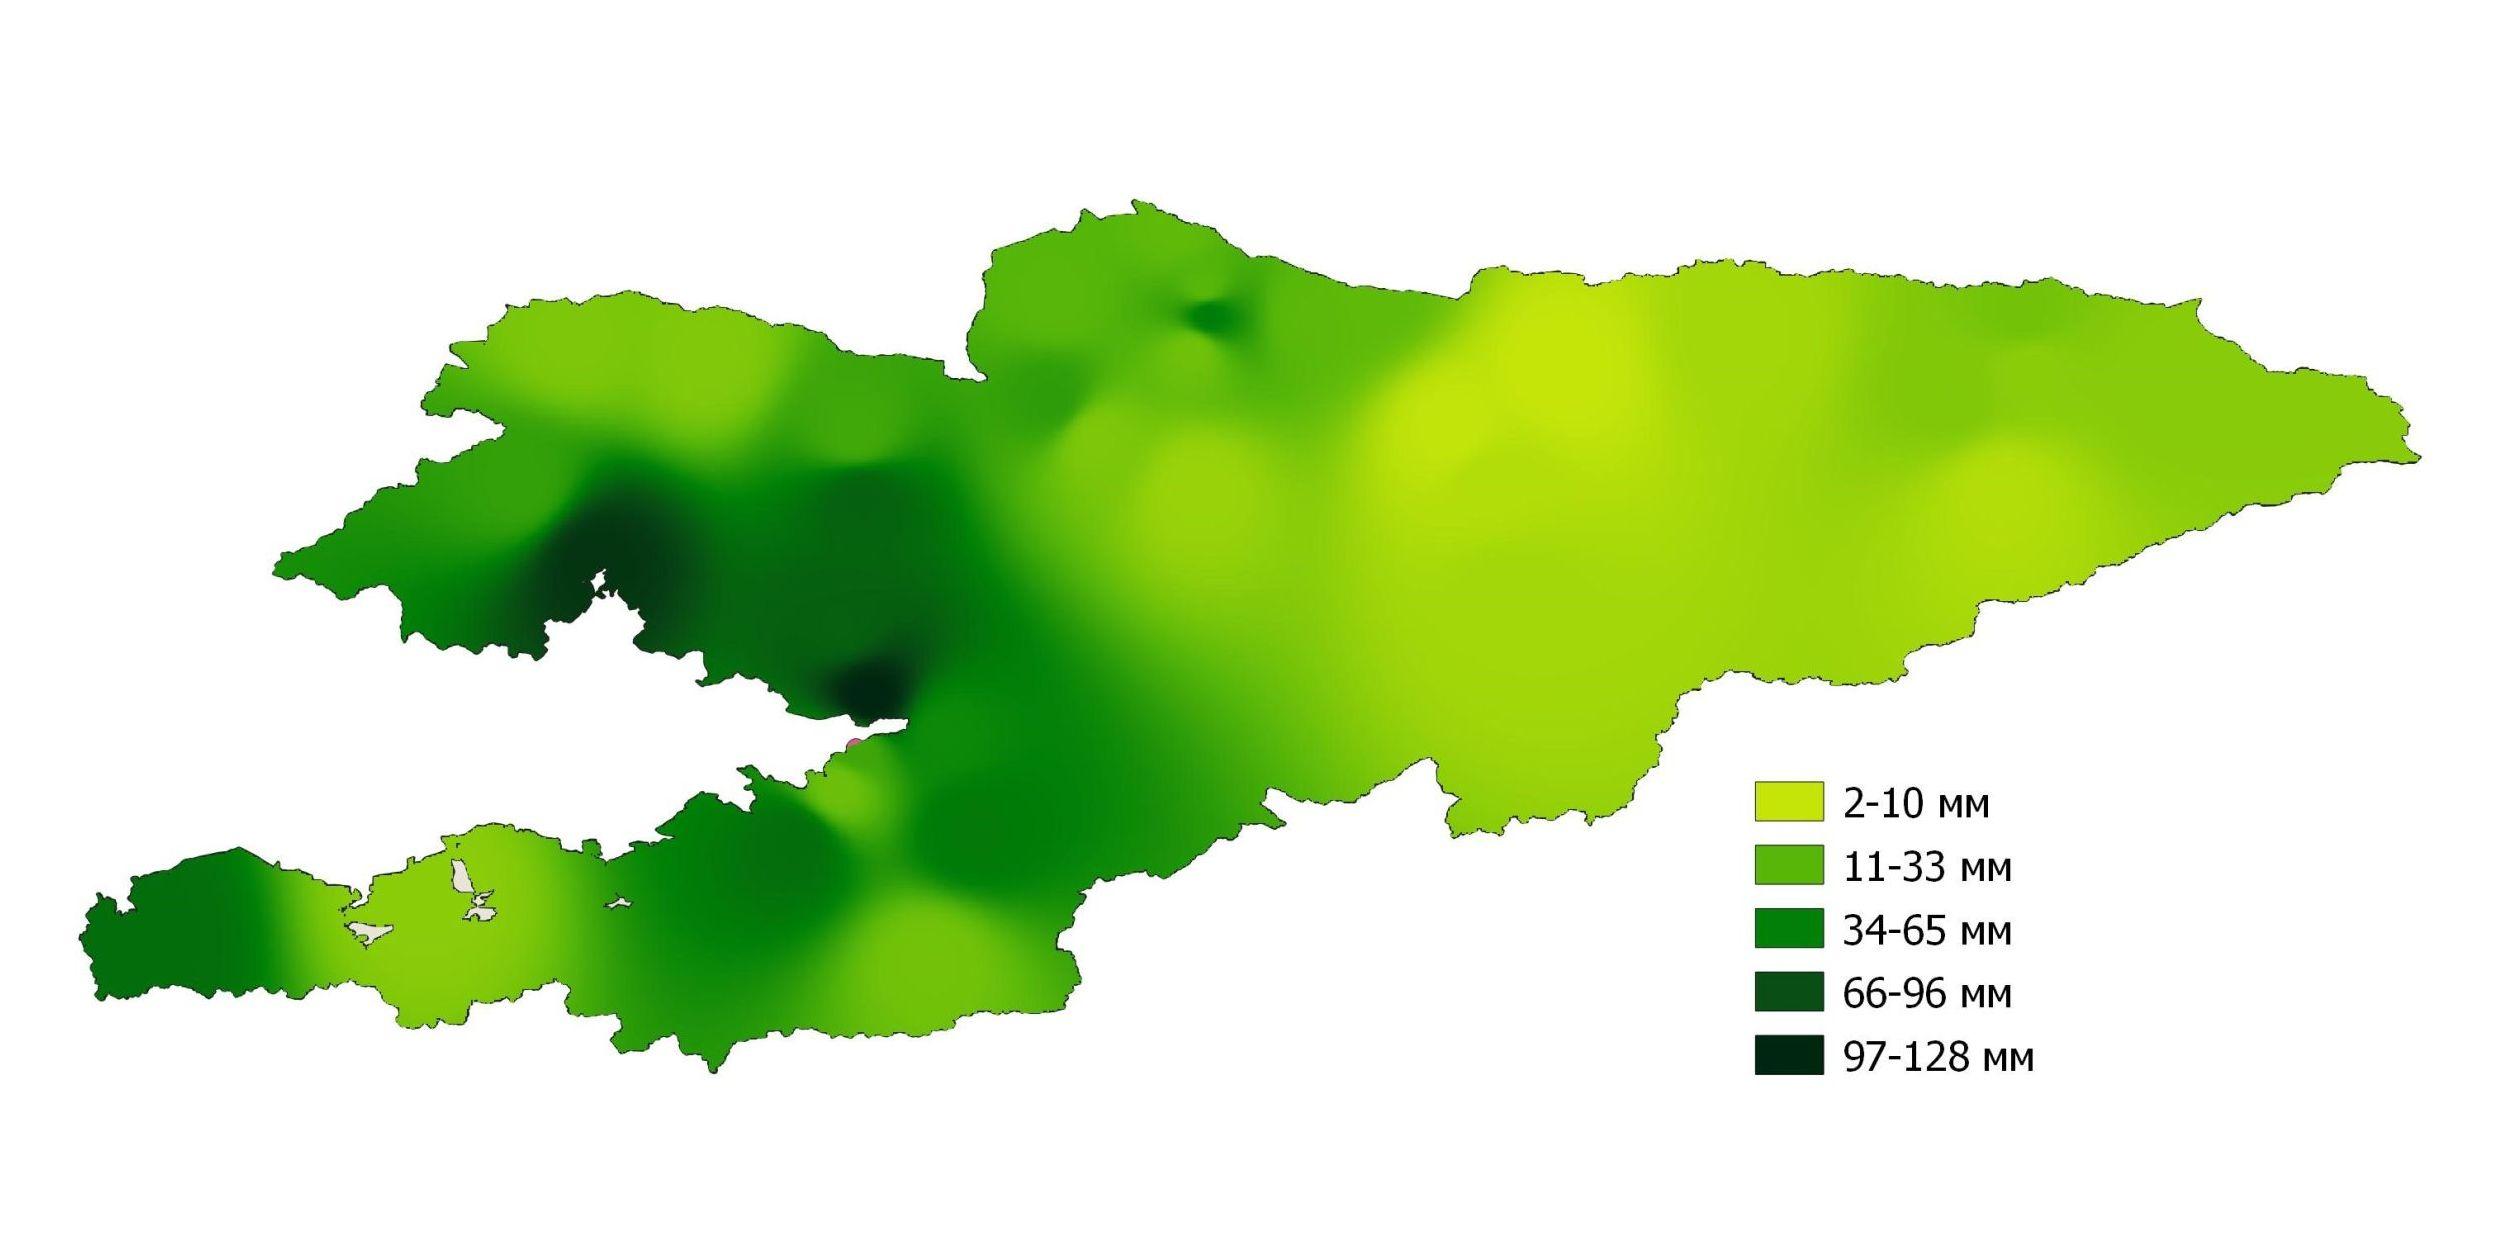 Световая карта среднемесячного количества осадков по Кыргызстану в декабре 2020 года